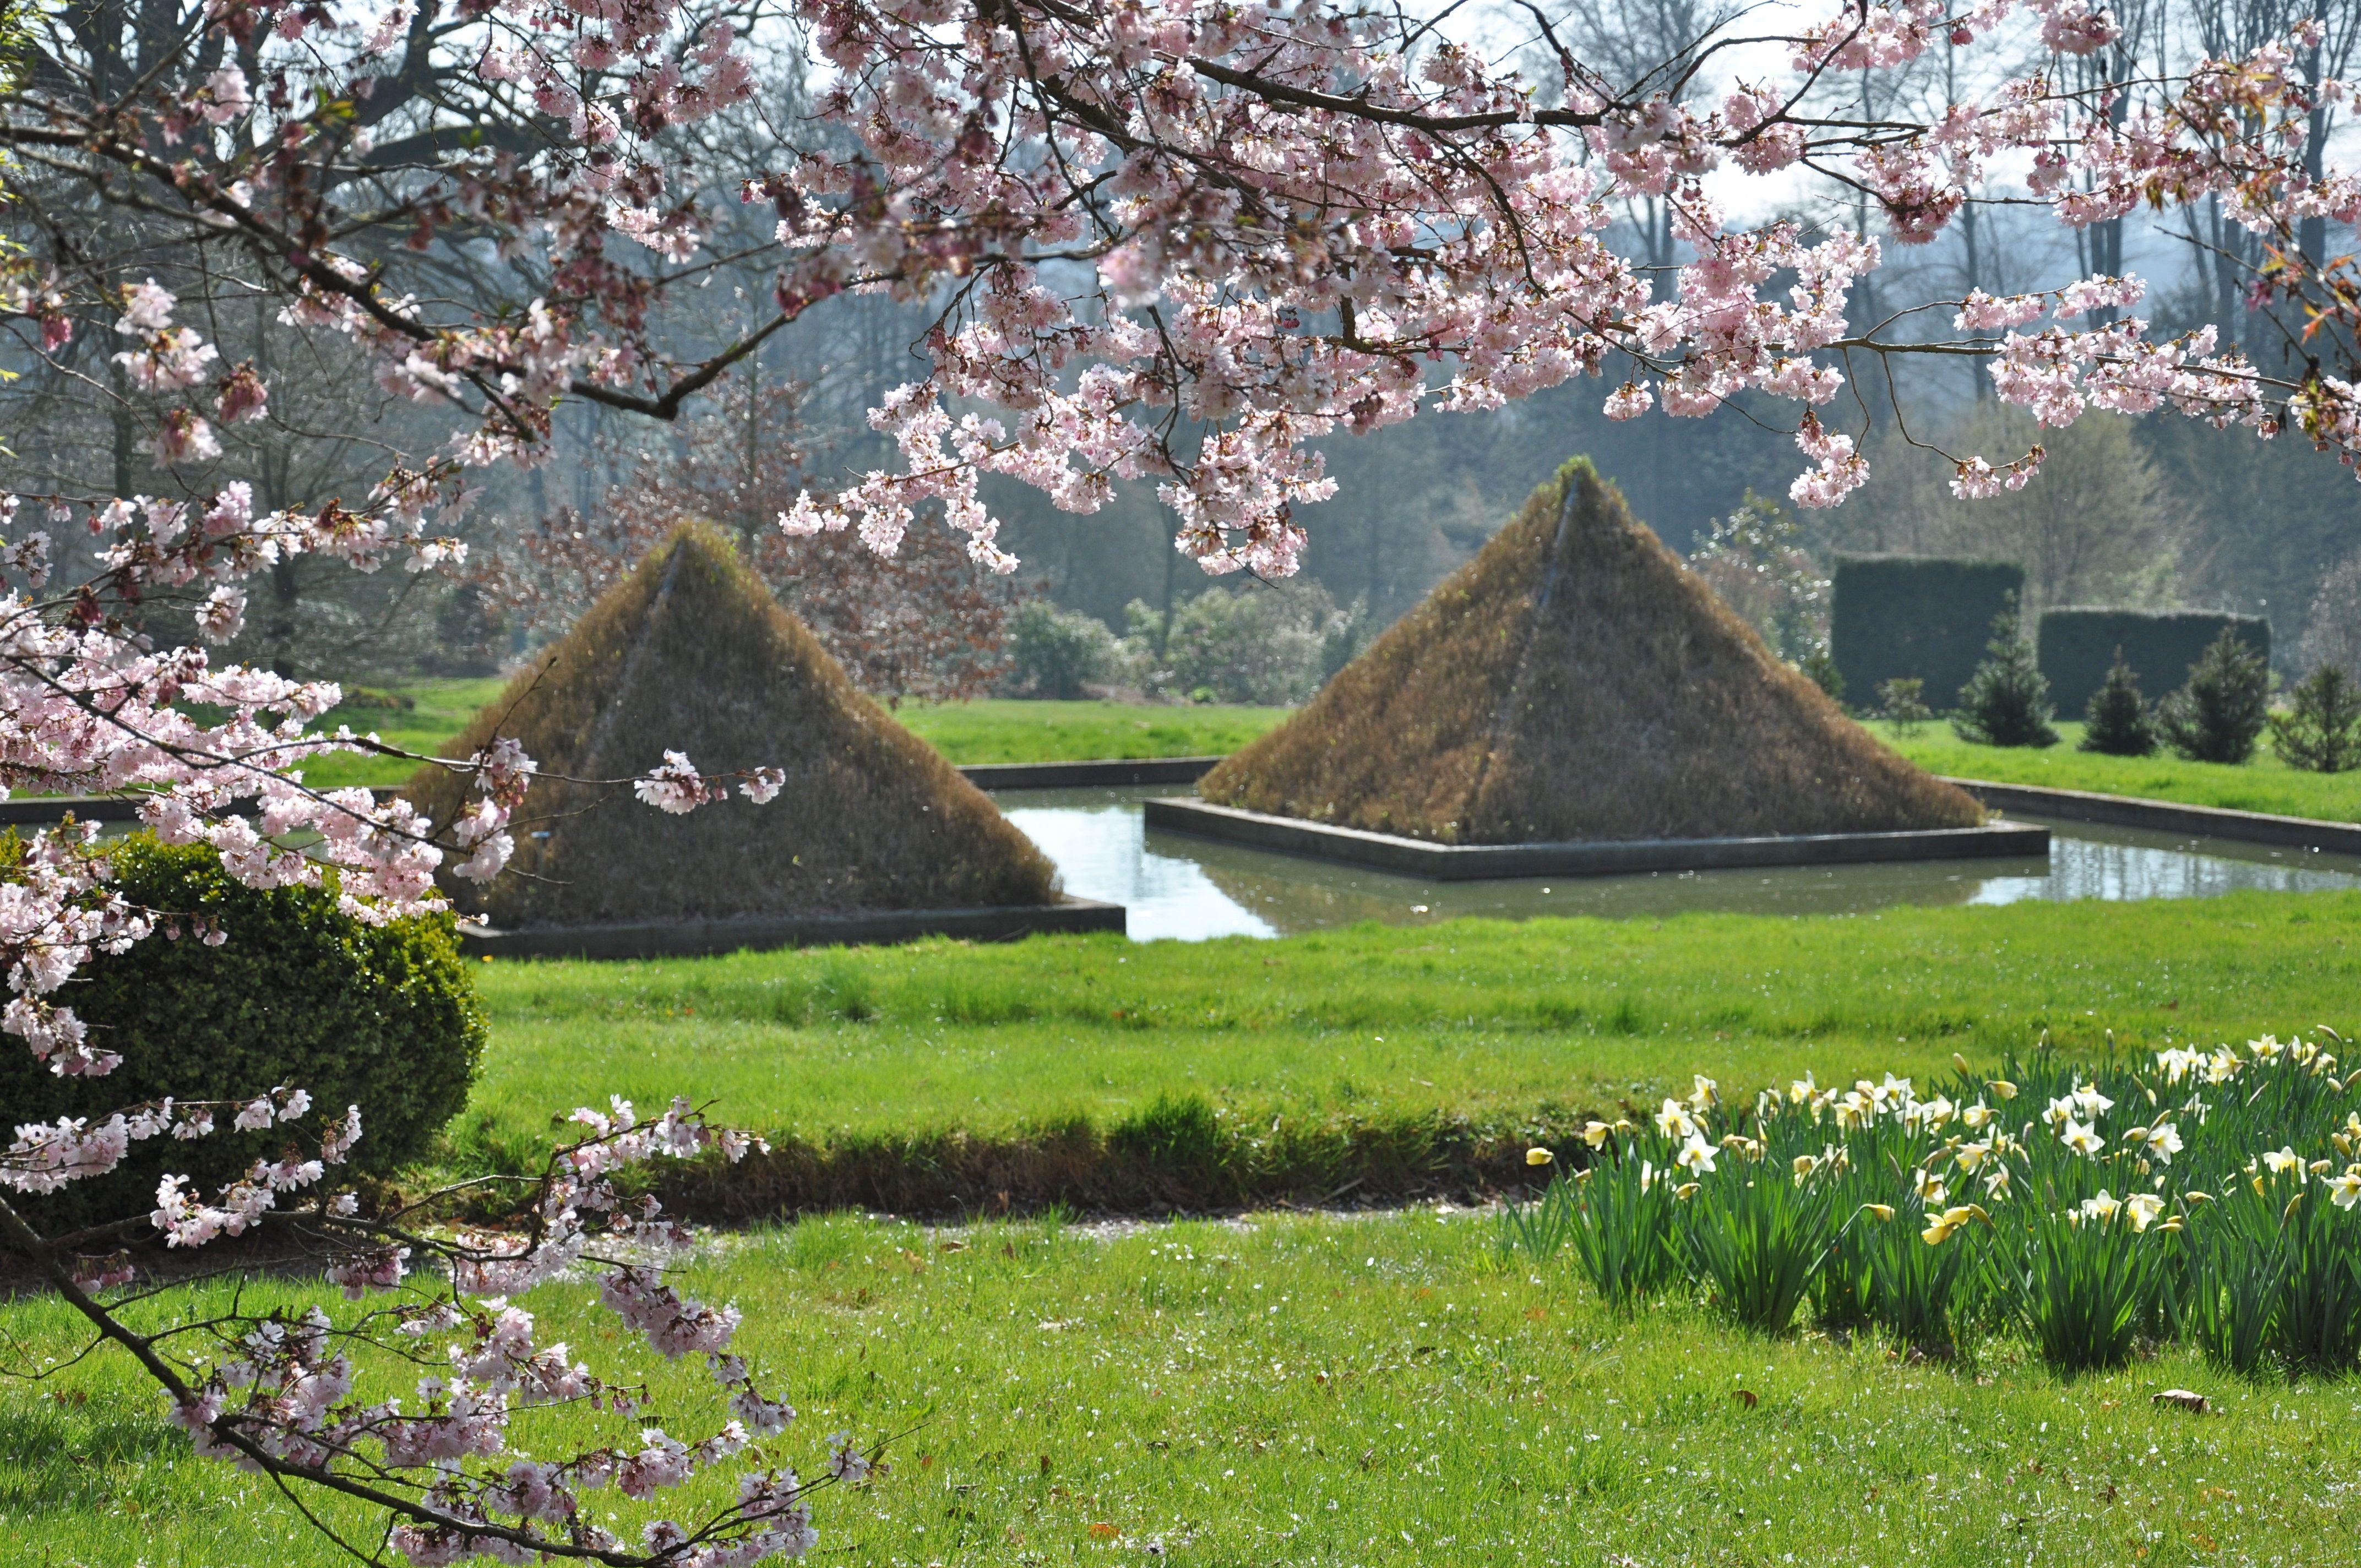 Le Jardin Botanique De Haute Bretagne Landscape Garden Travel